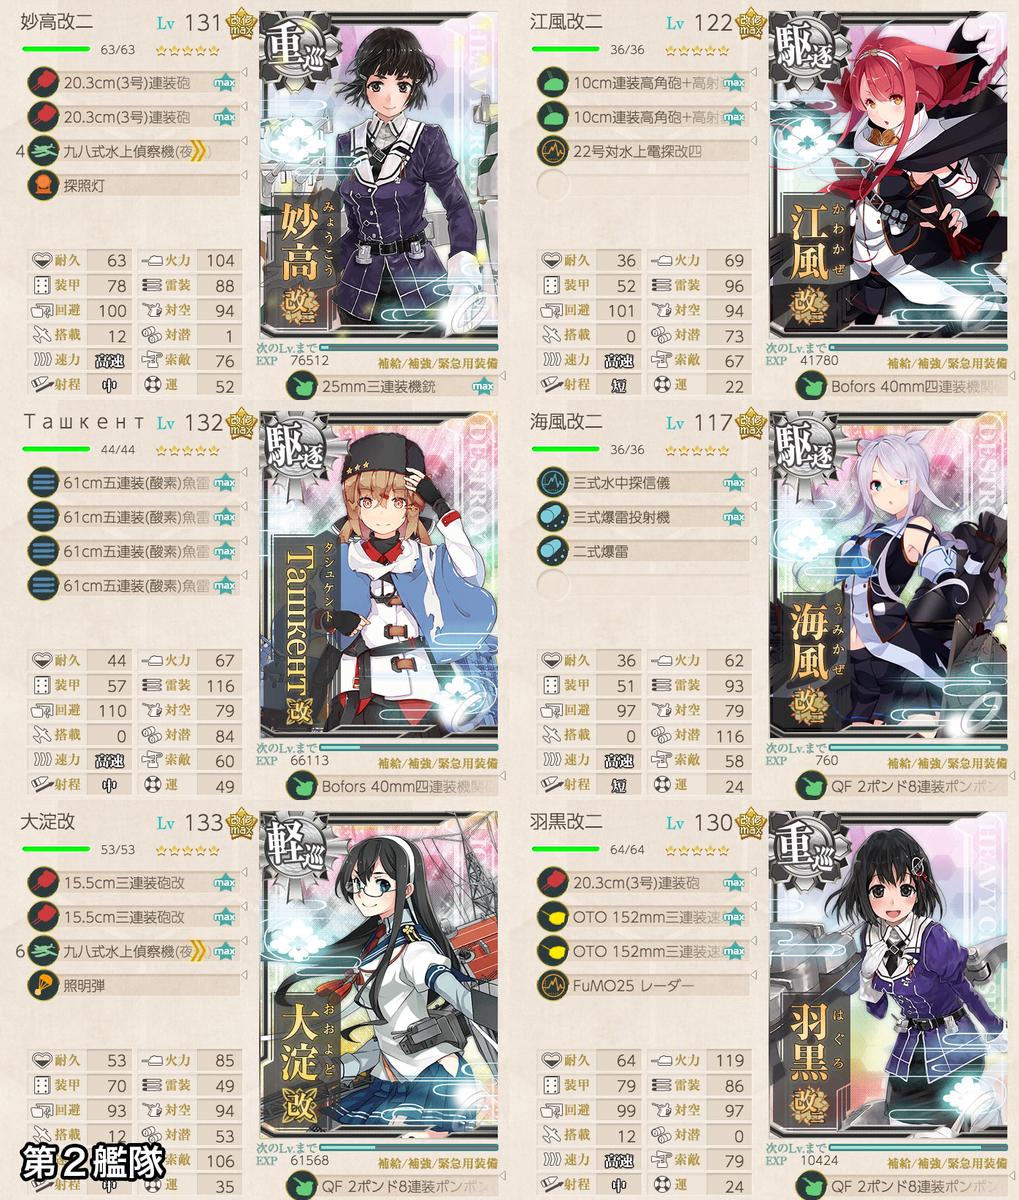 f:id:nameless_admiral:20200813051243j:plain